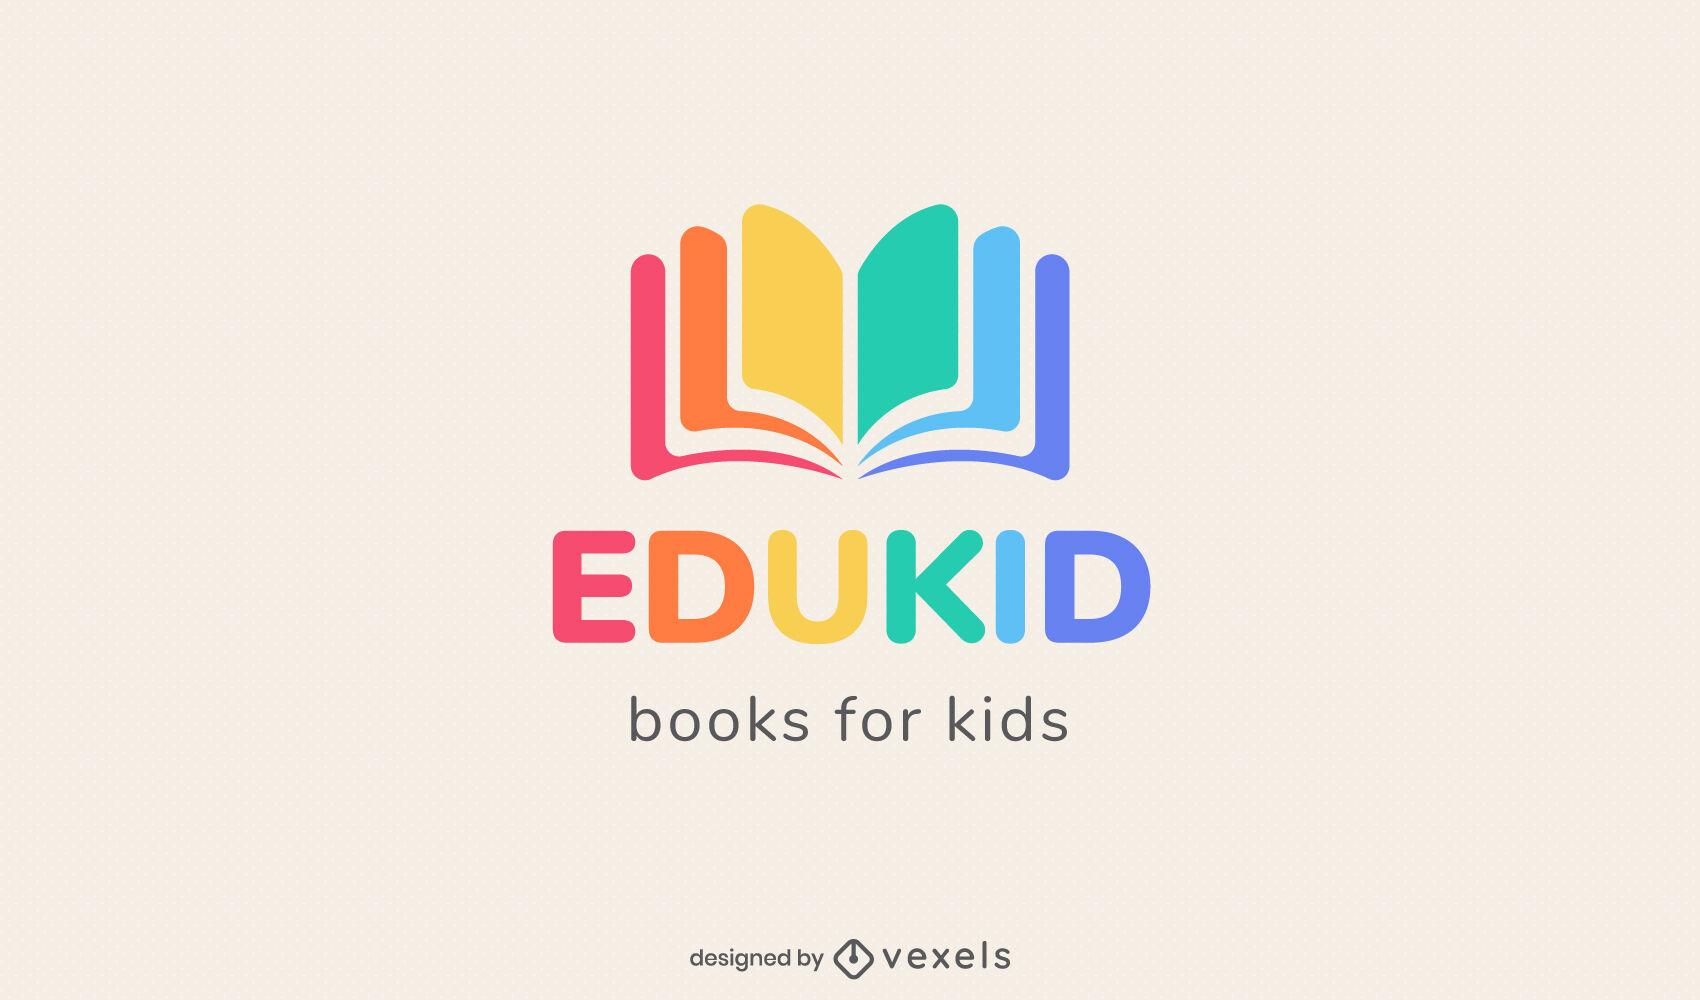 Dise?o de logotipo de libro abierto de color arco iris